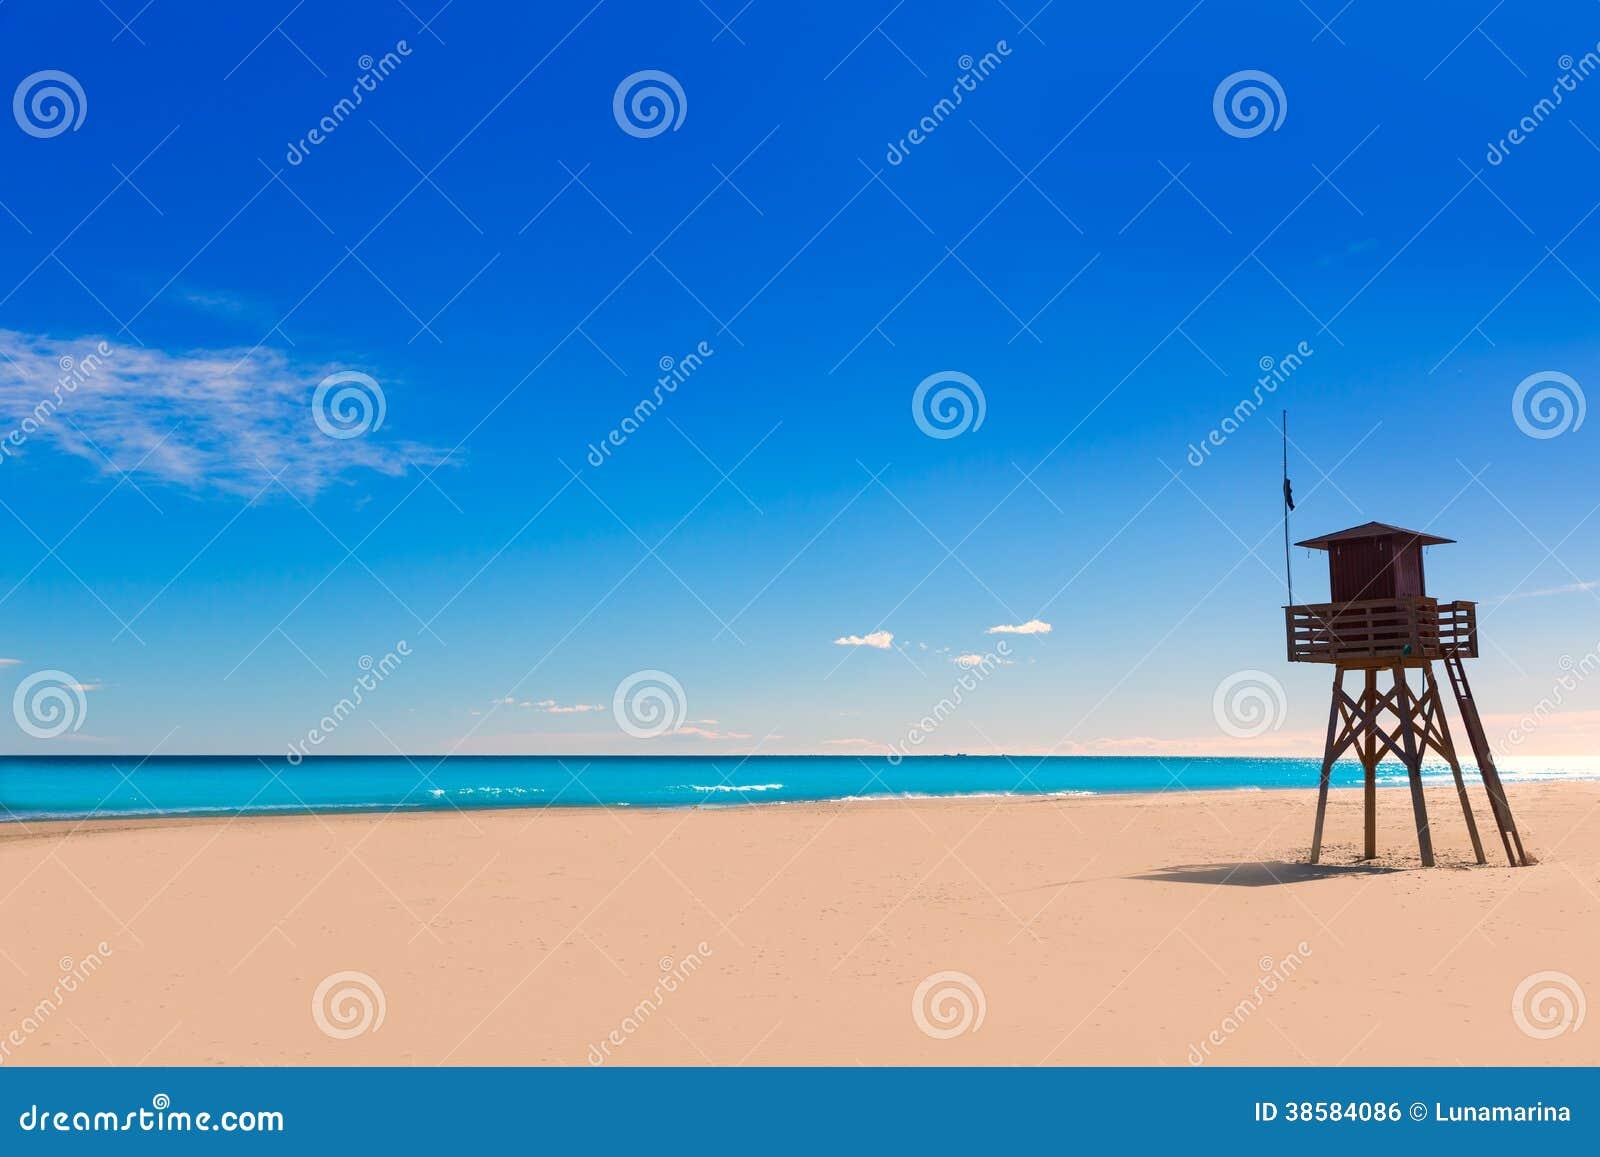 Playa de Canet de Berenguer en Valencia en España